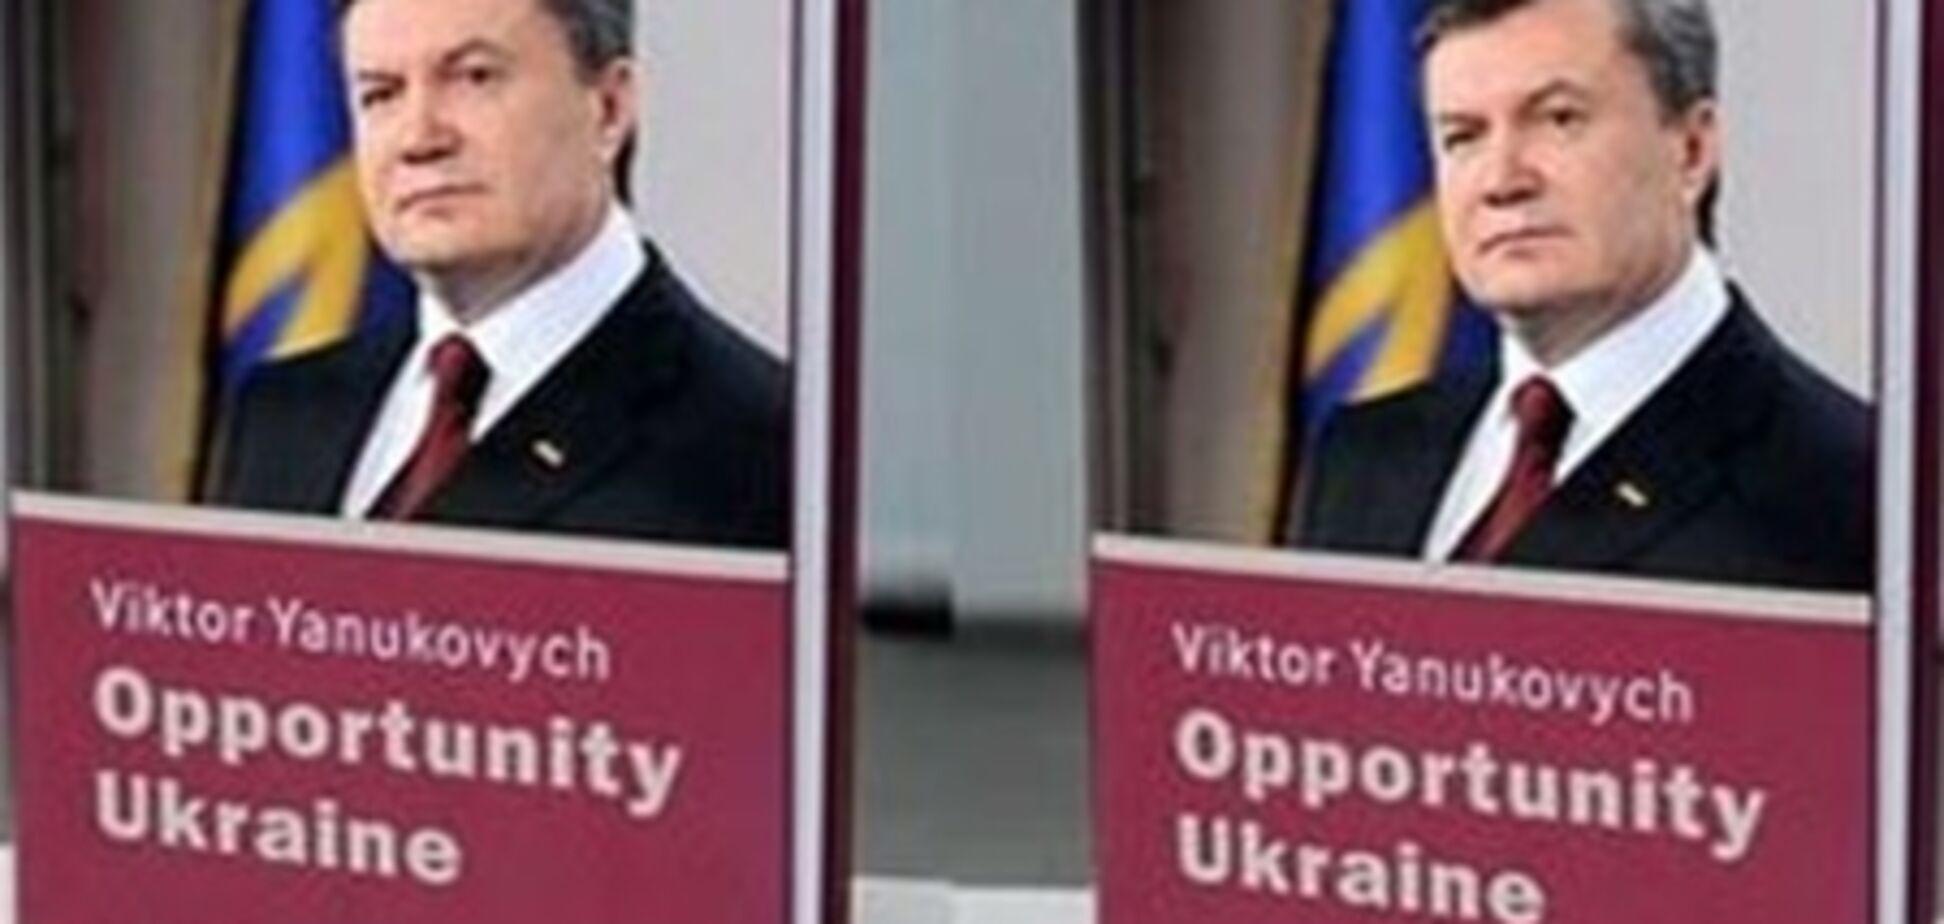 У книзі Януковича немає плагіату. Підтверджено експертом